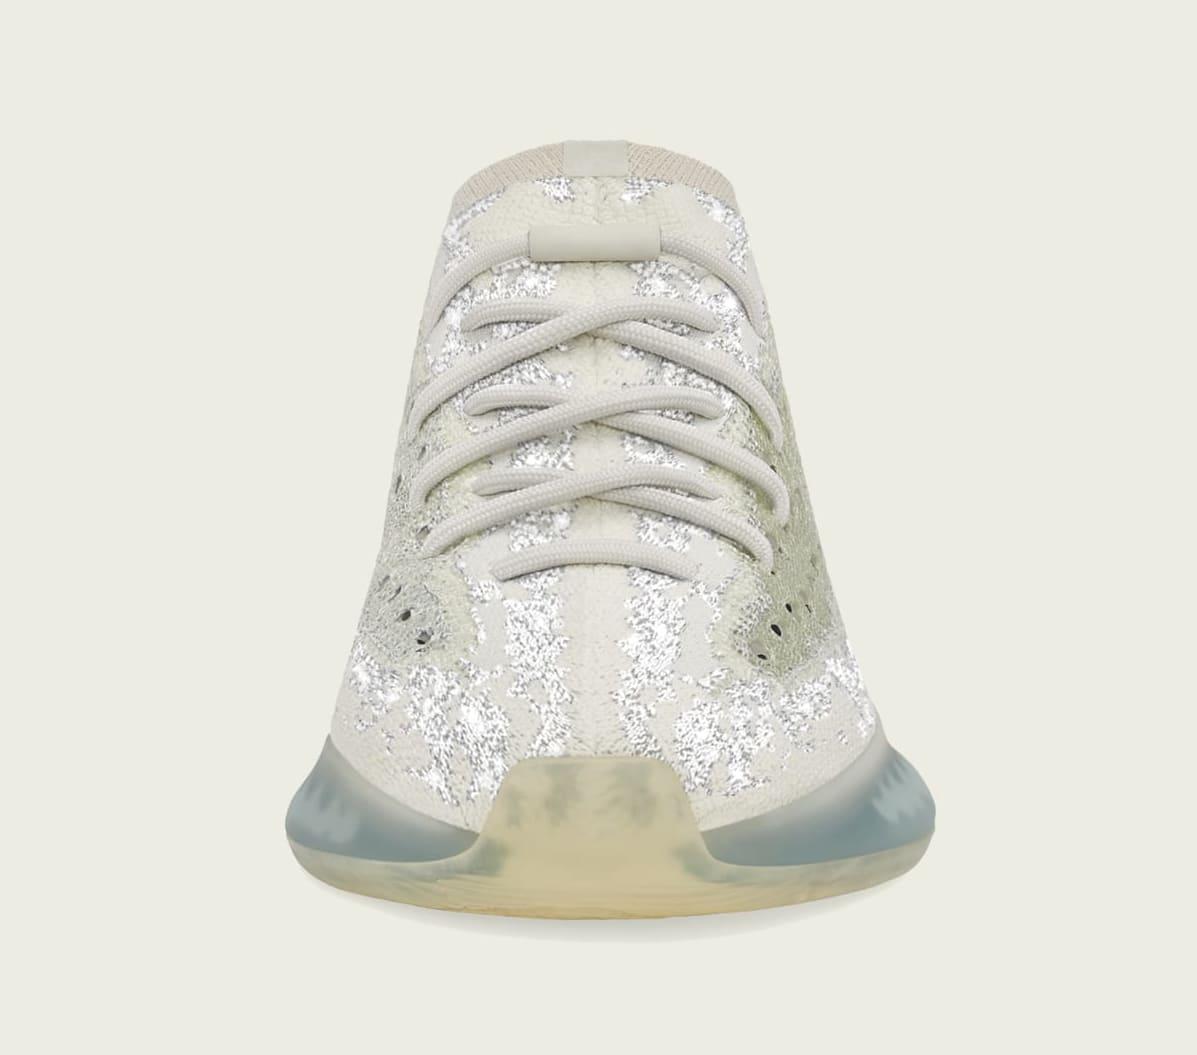 Adidas Yeezy Boost 380 'Alien Blue' GW0304 Front